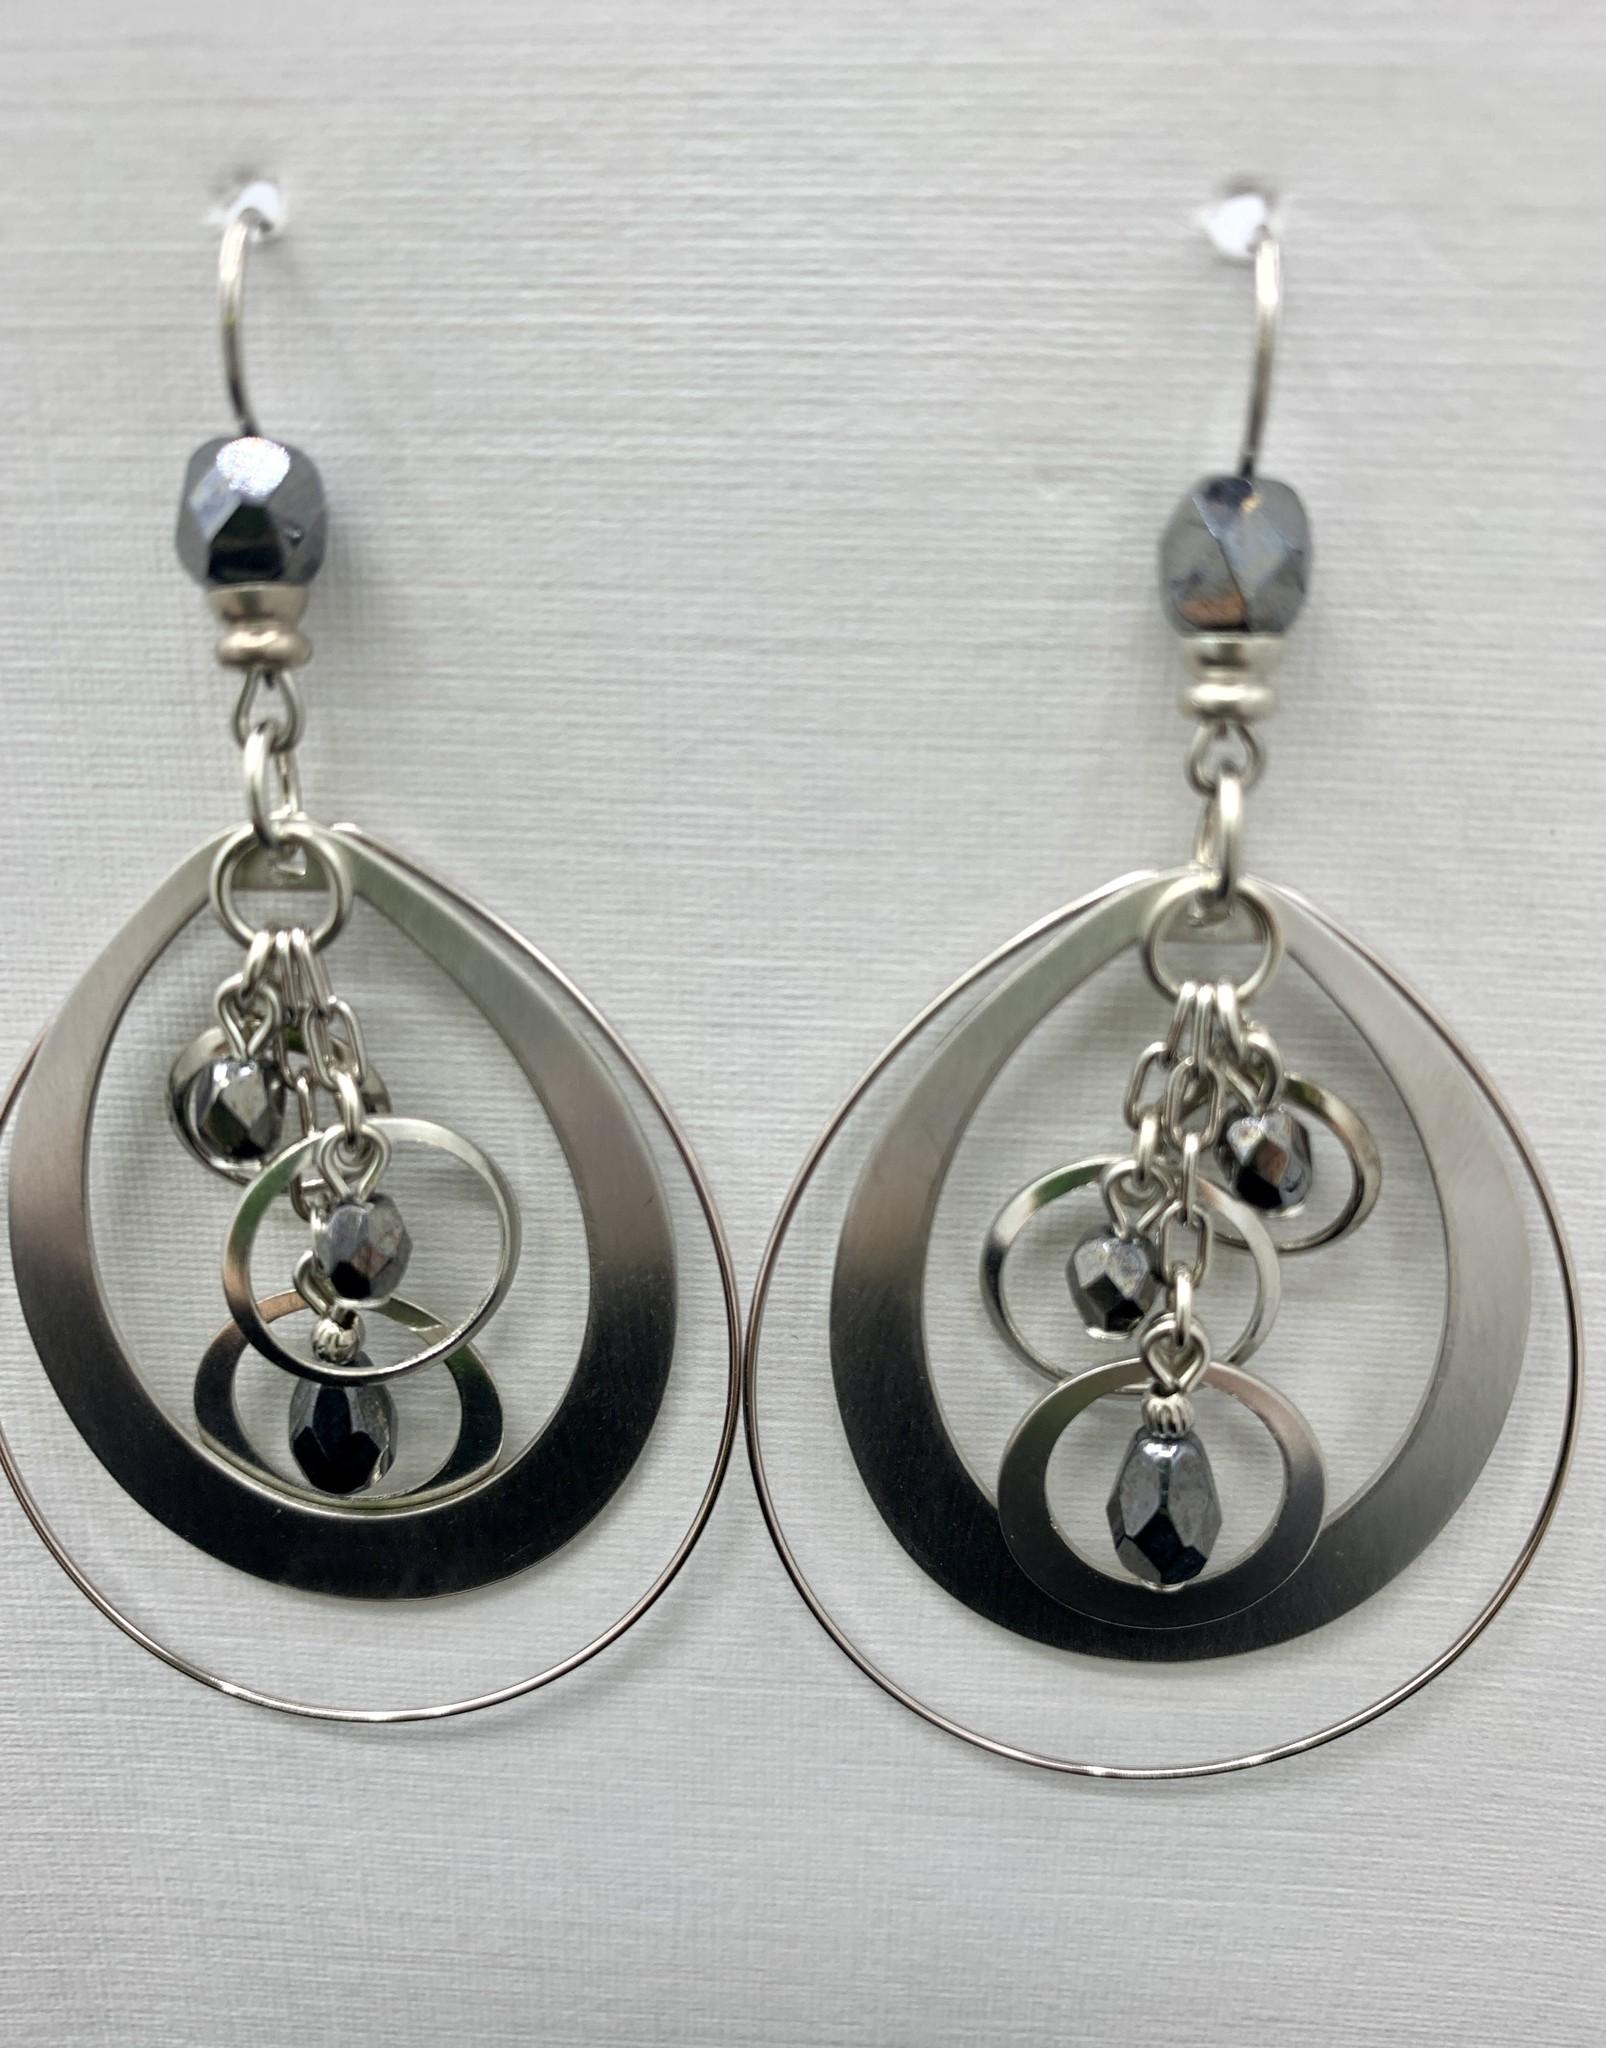 JMR Earrings- Smoke/Silver